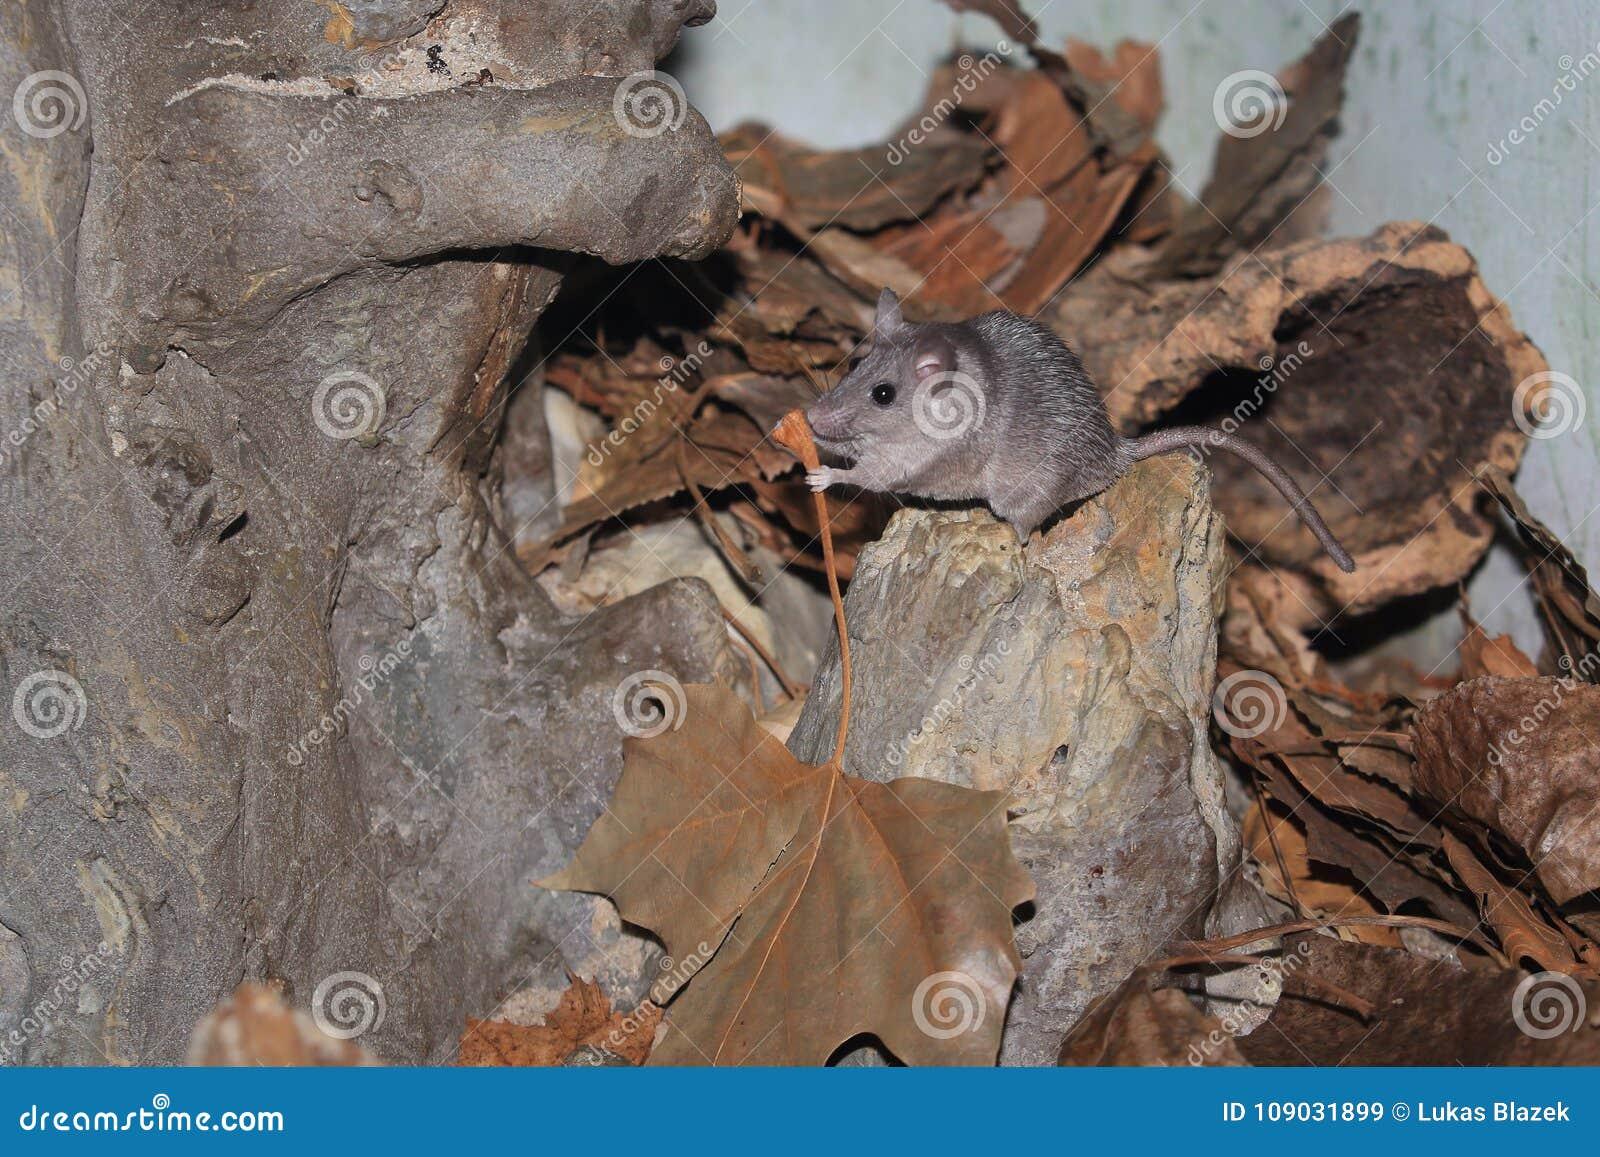 Ratón espinoso de Tibesti